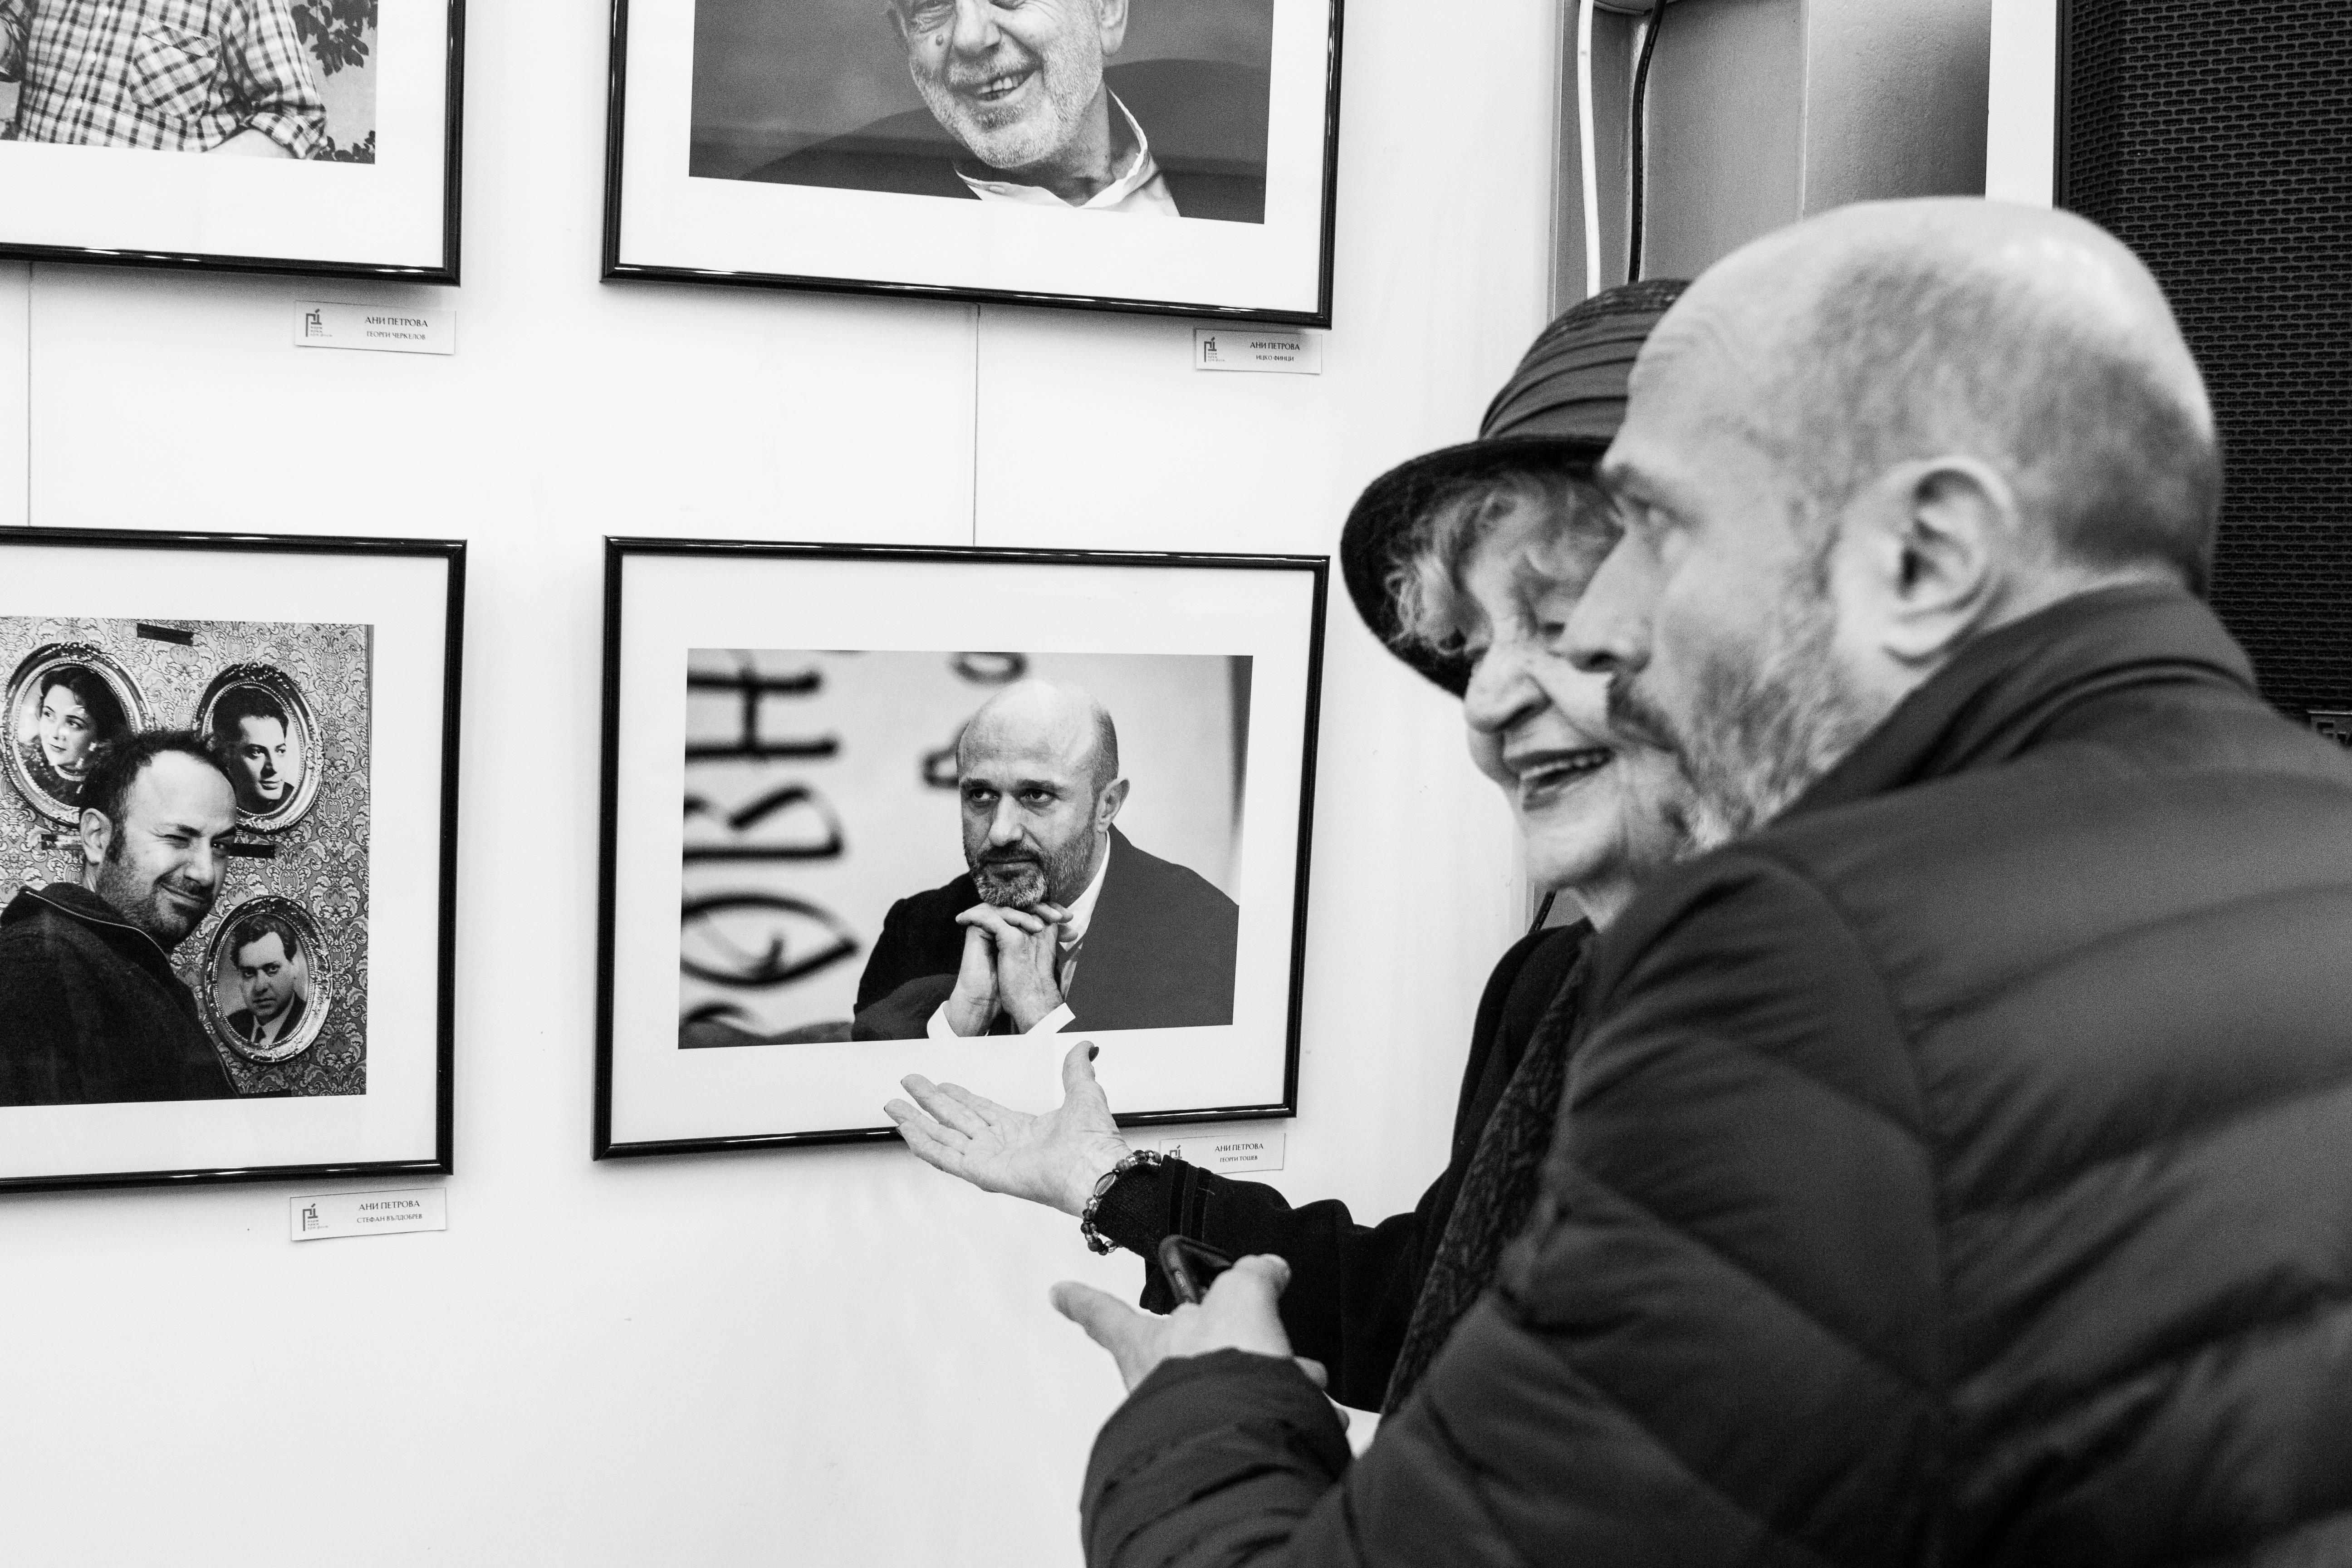 """Ценна изложба фотоси на популярни творци и късометражно кино откриха в Експо център """"Флора"""""""